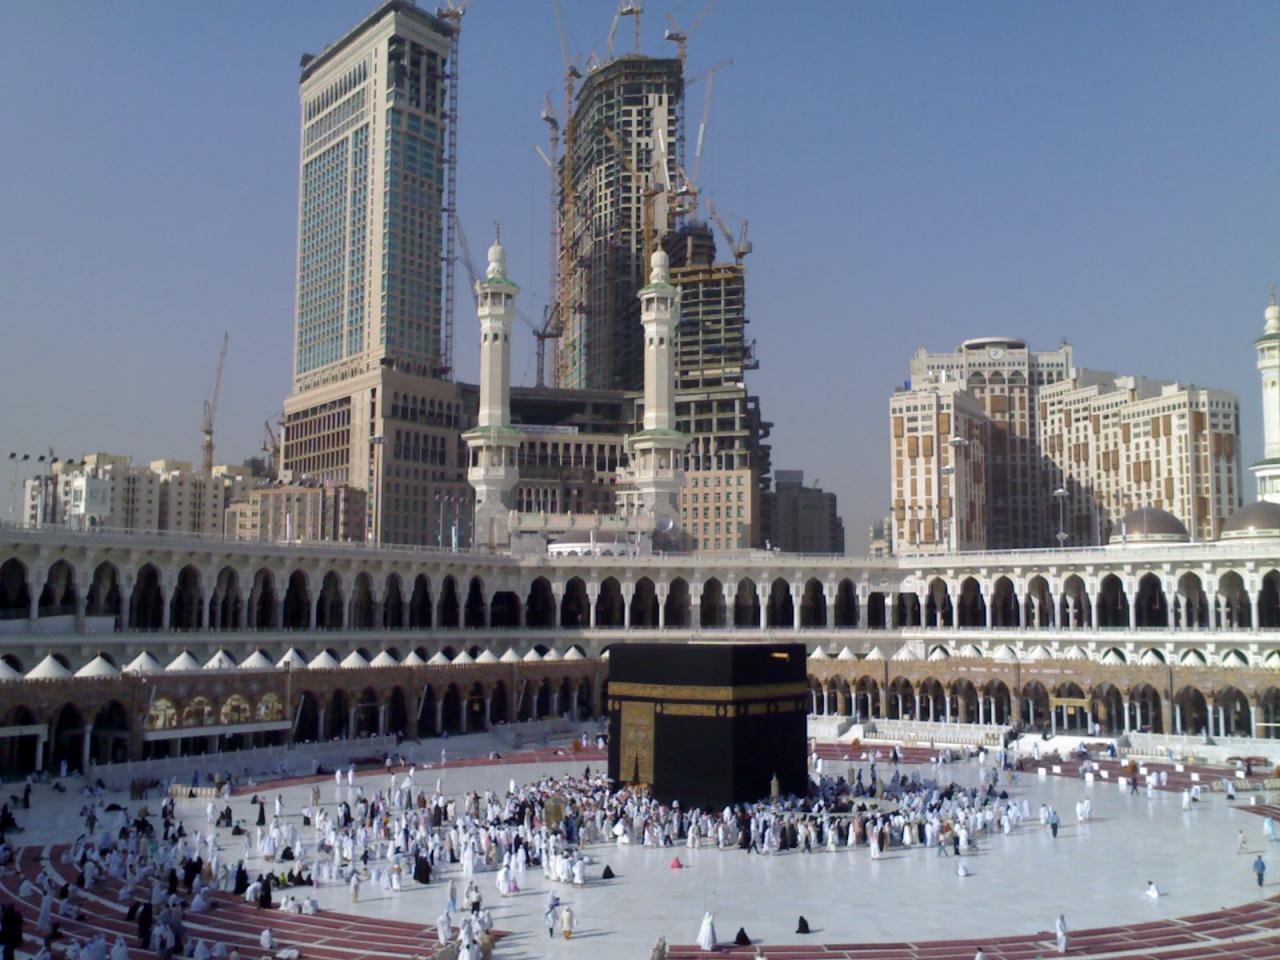 بالصور اجمل صور الحرم , اروع صور للمسجد المكي 1136 4